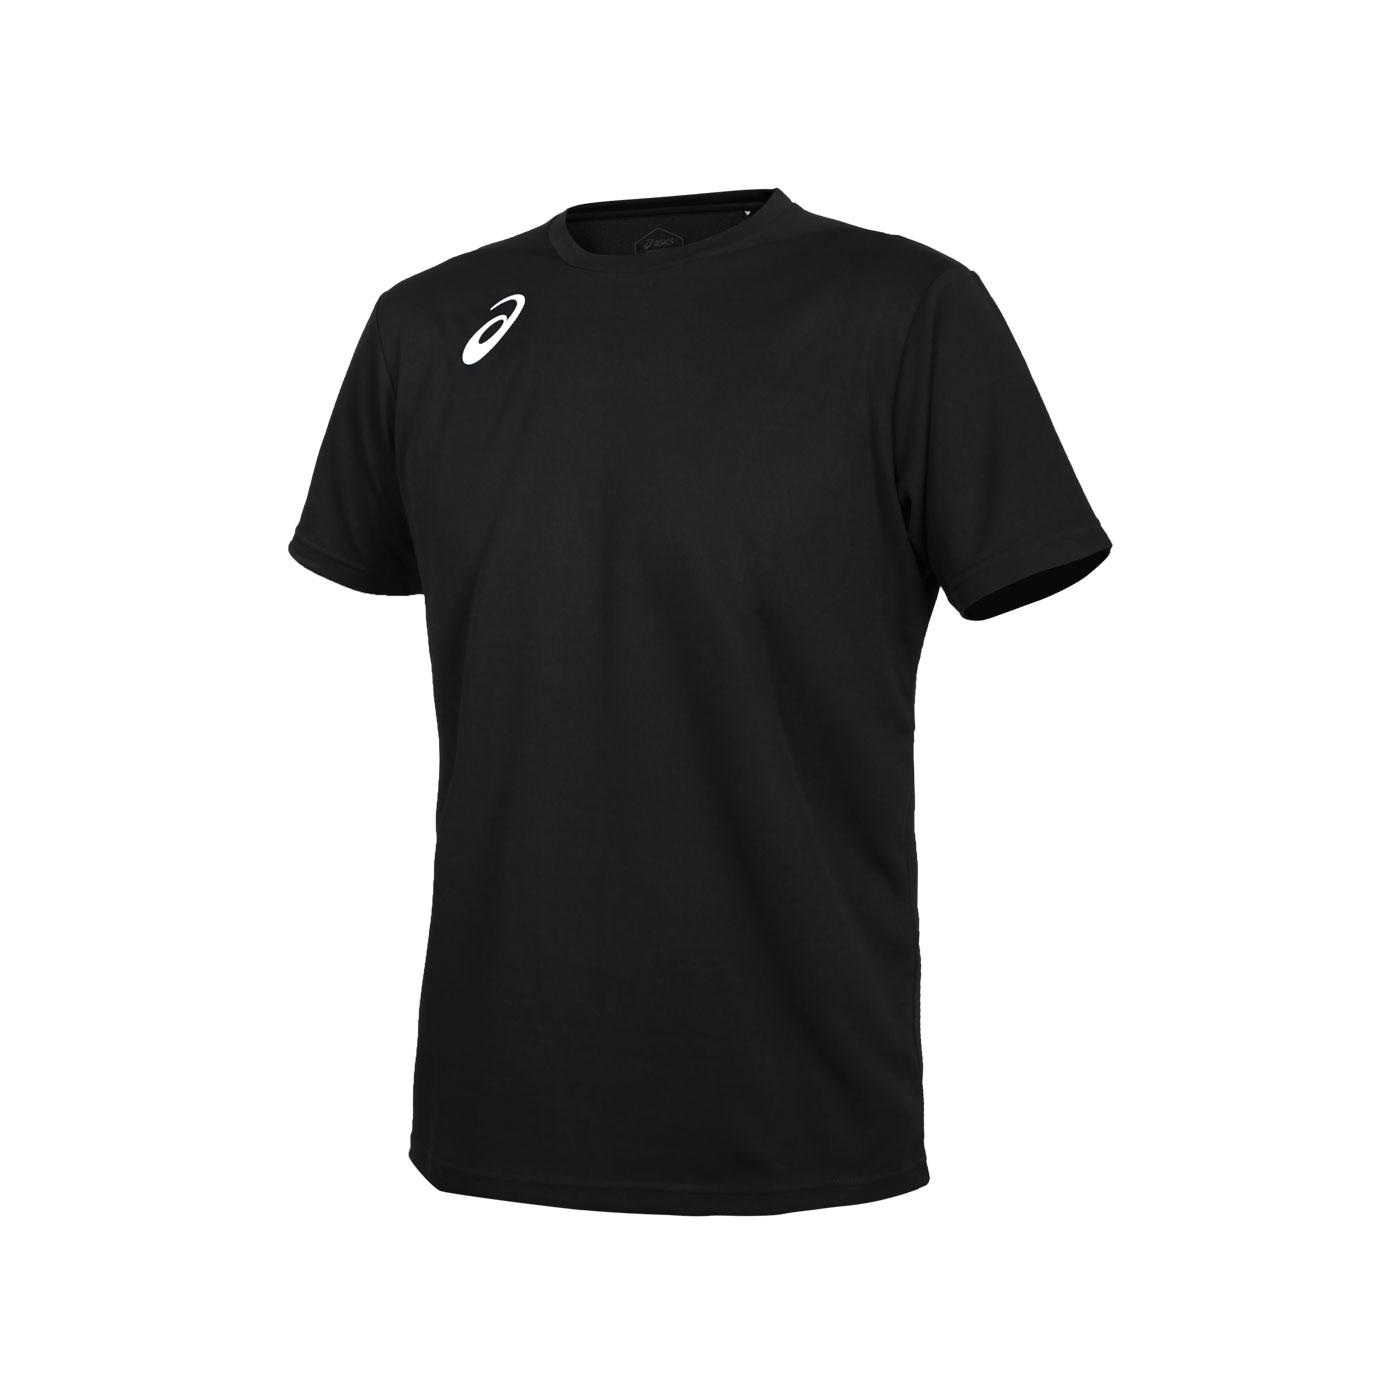 ASICS 男款排羽球短袖T恤 2051A295-001 - 黑白